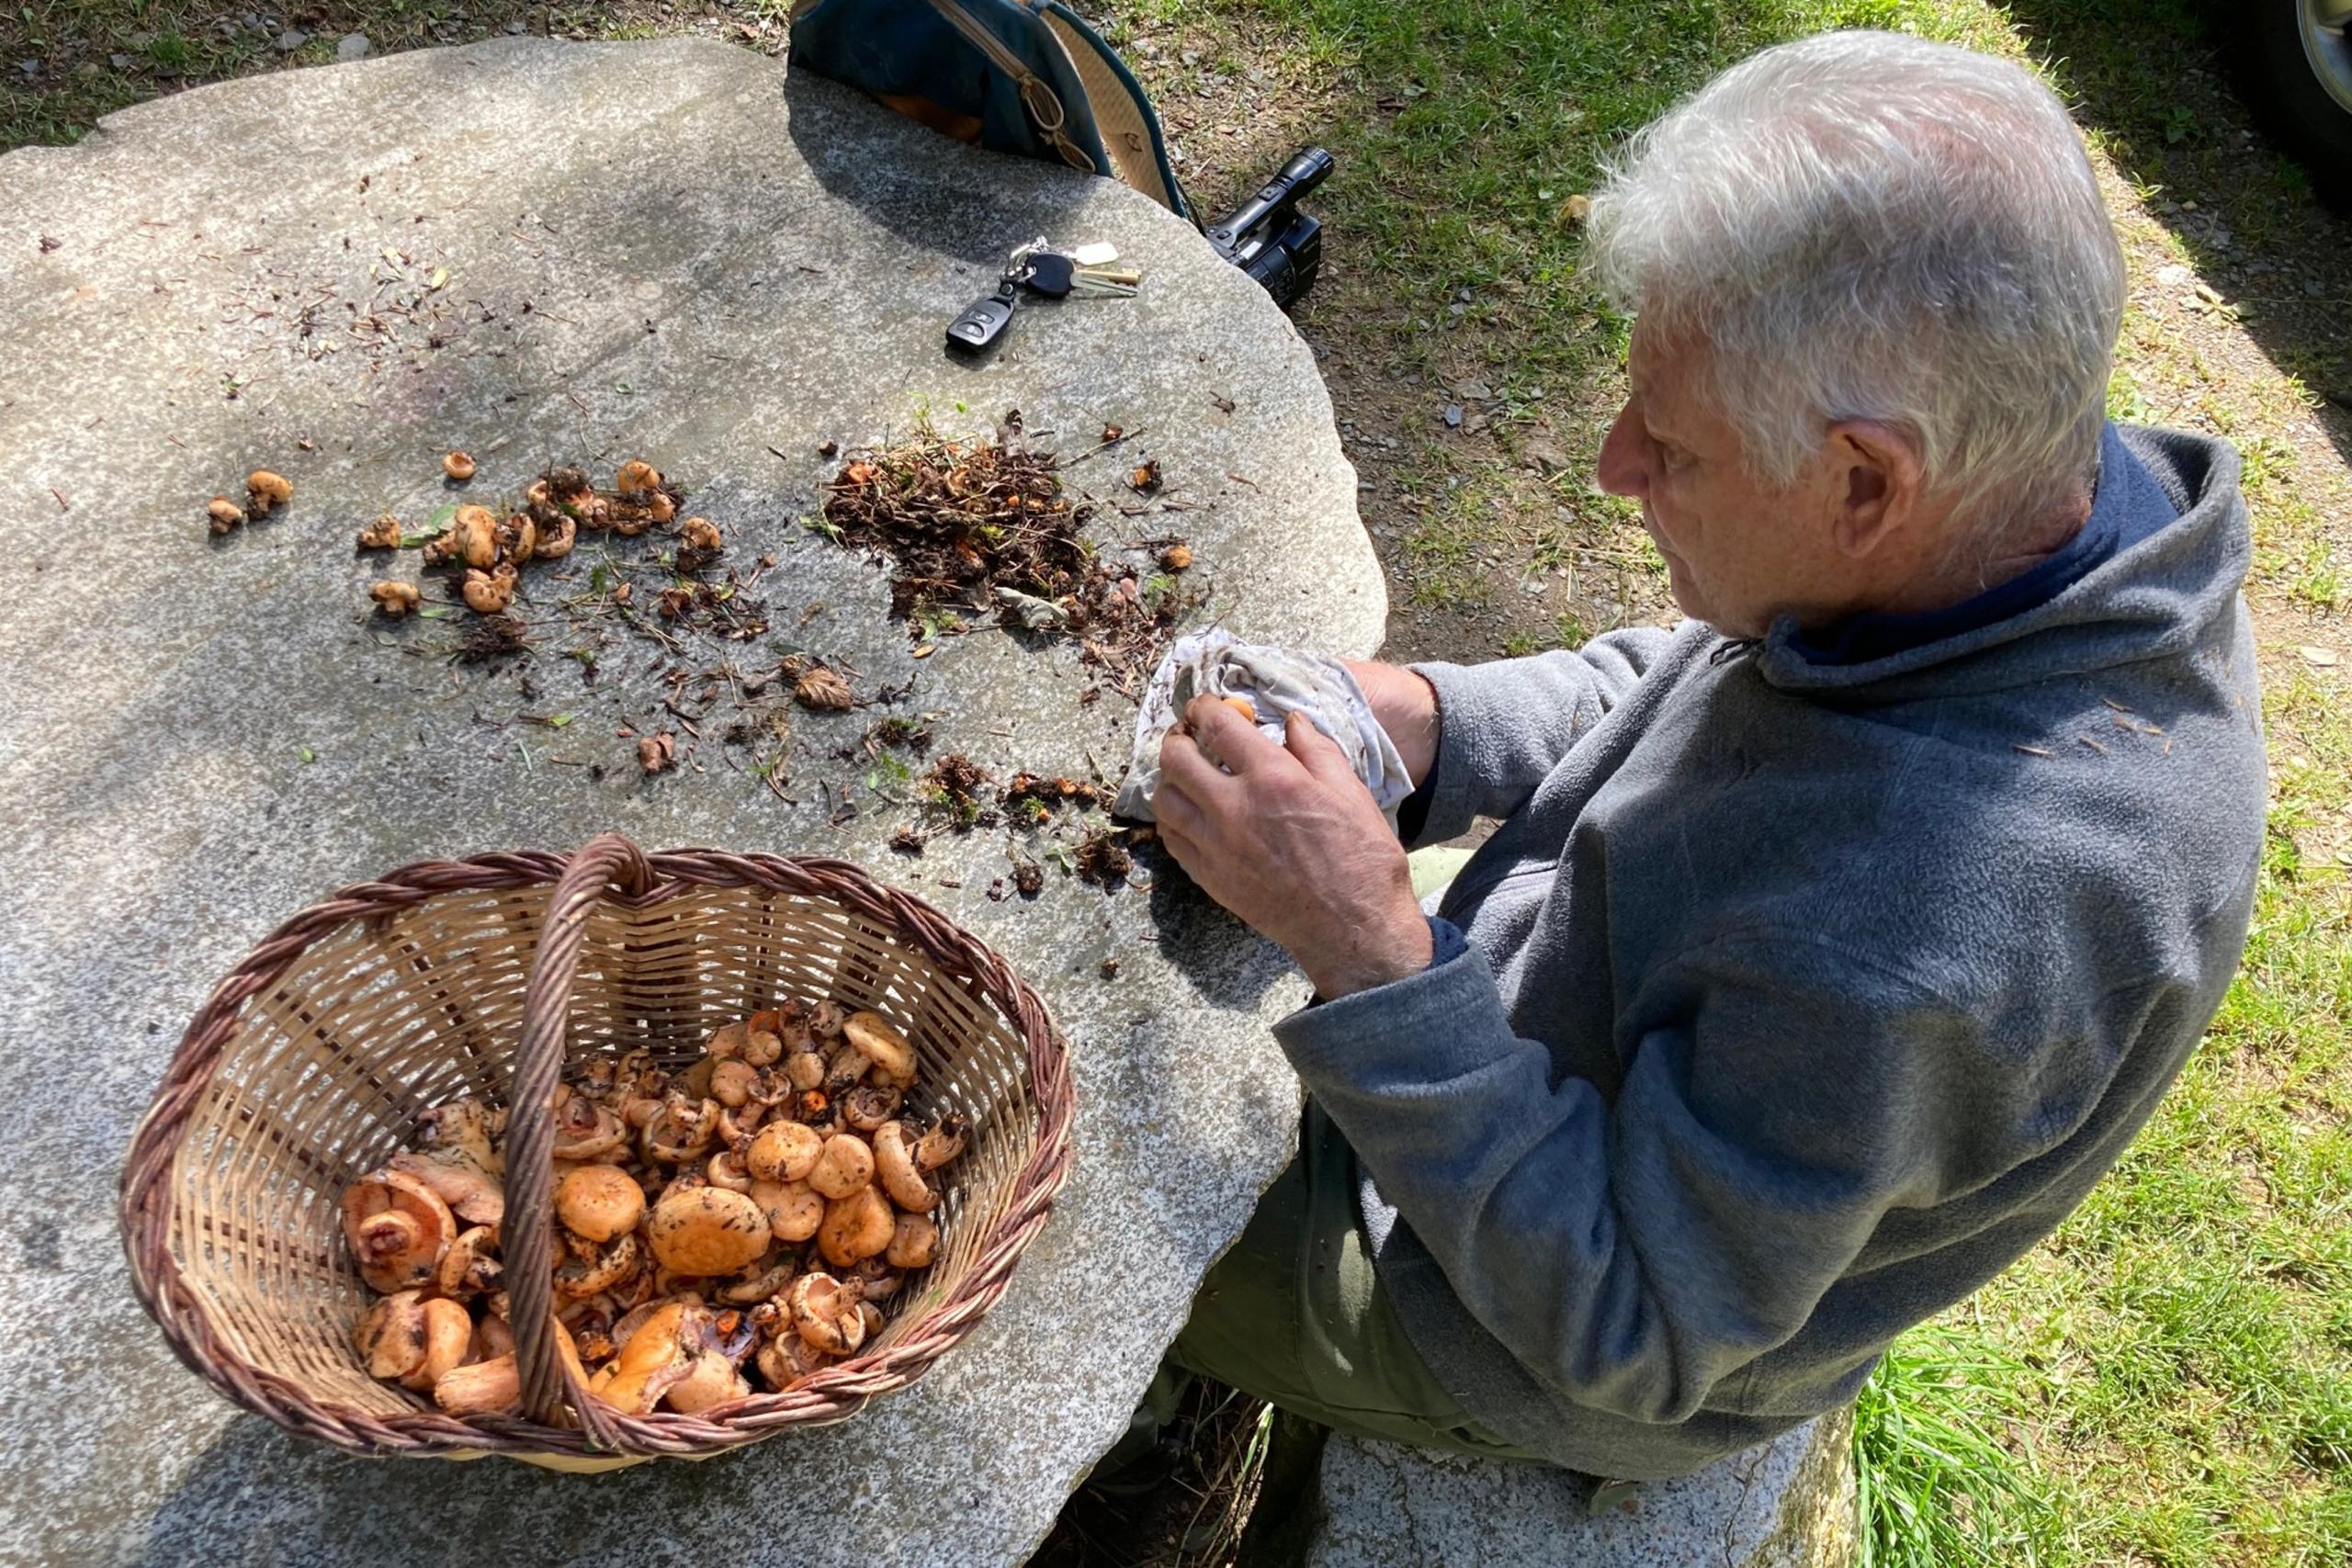 Un home netejant els bolets a Campelles (Ripollès) | ACN